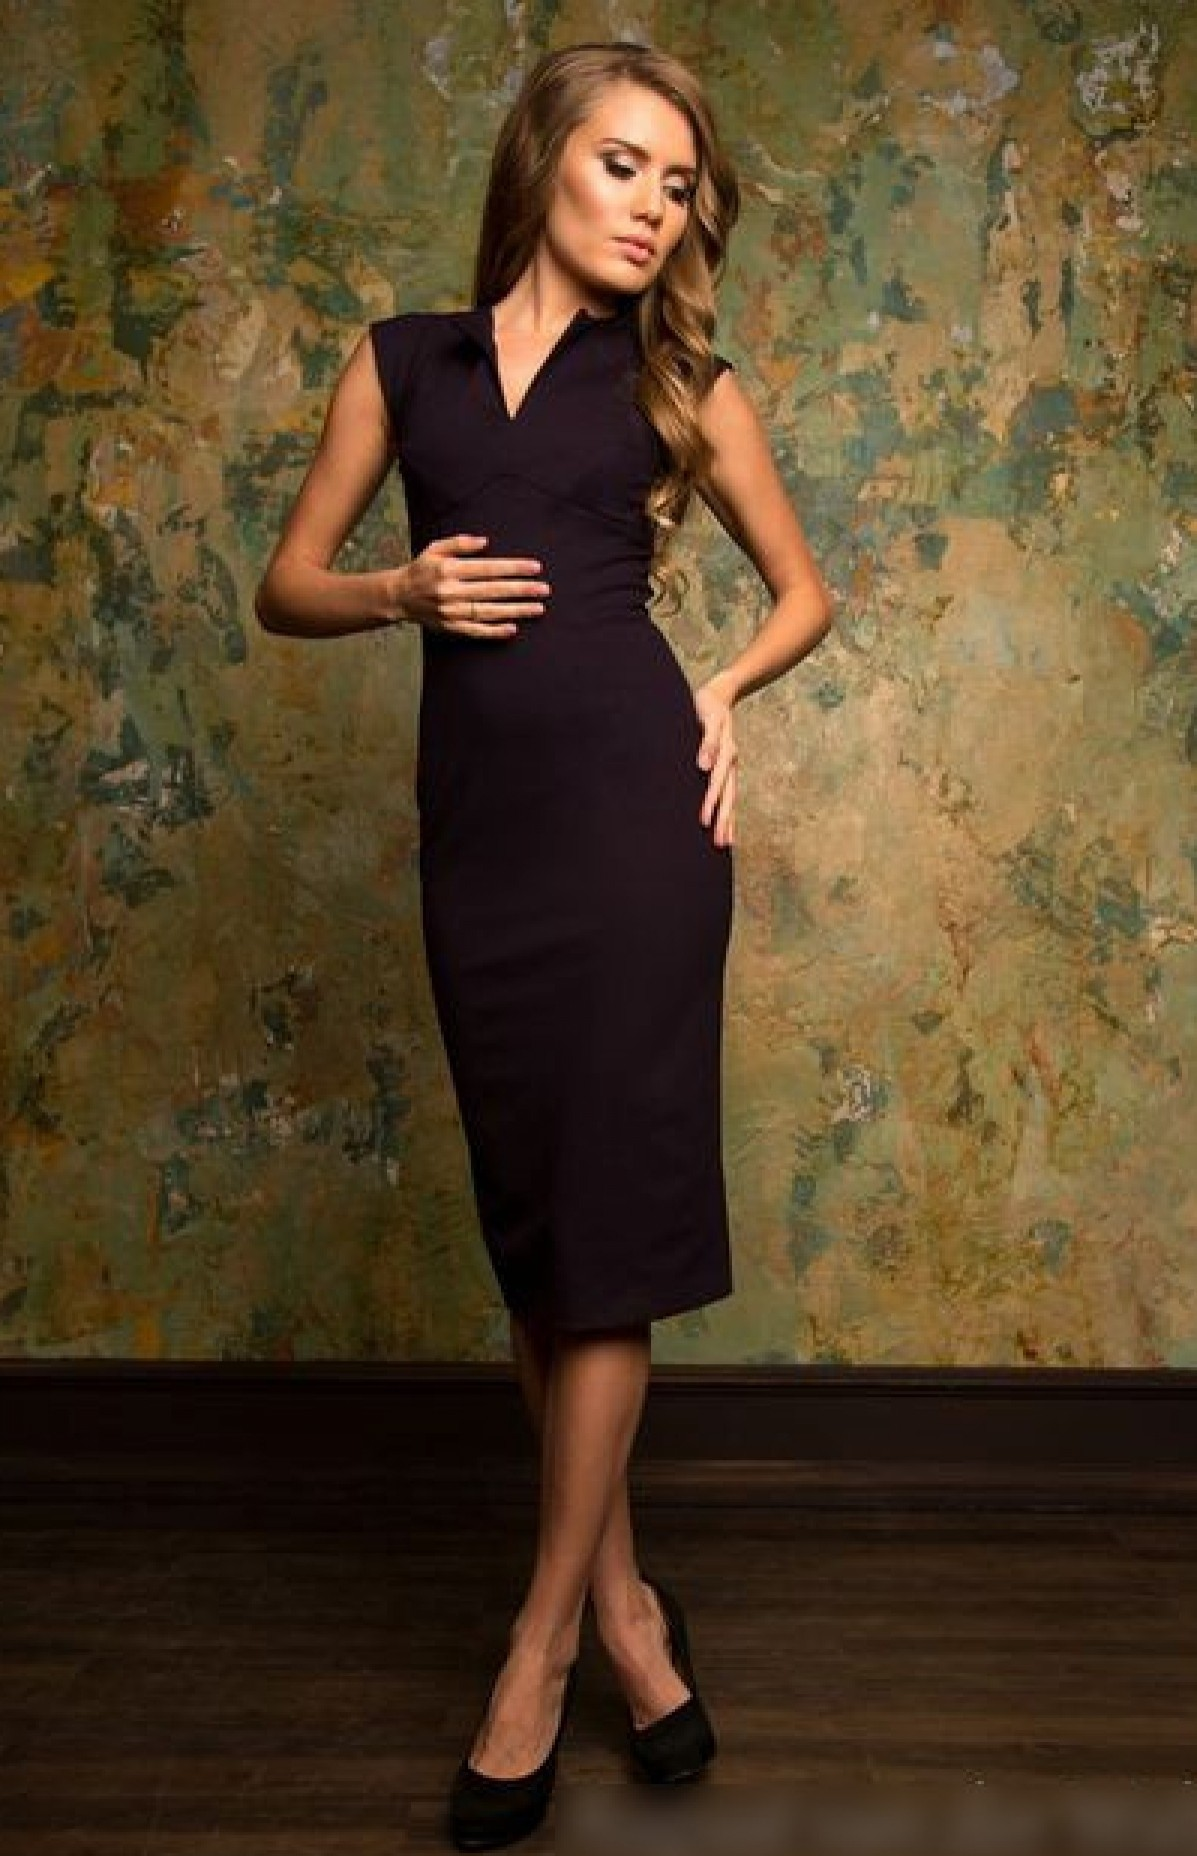 702cca913a9ce9c Купить или заказать строгое деловое платье. Офисные платья в интернет  магазине Радэлия.